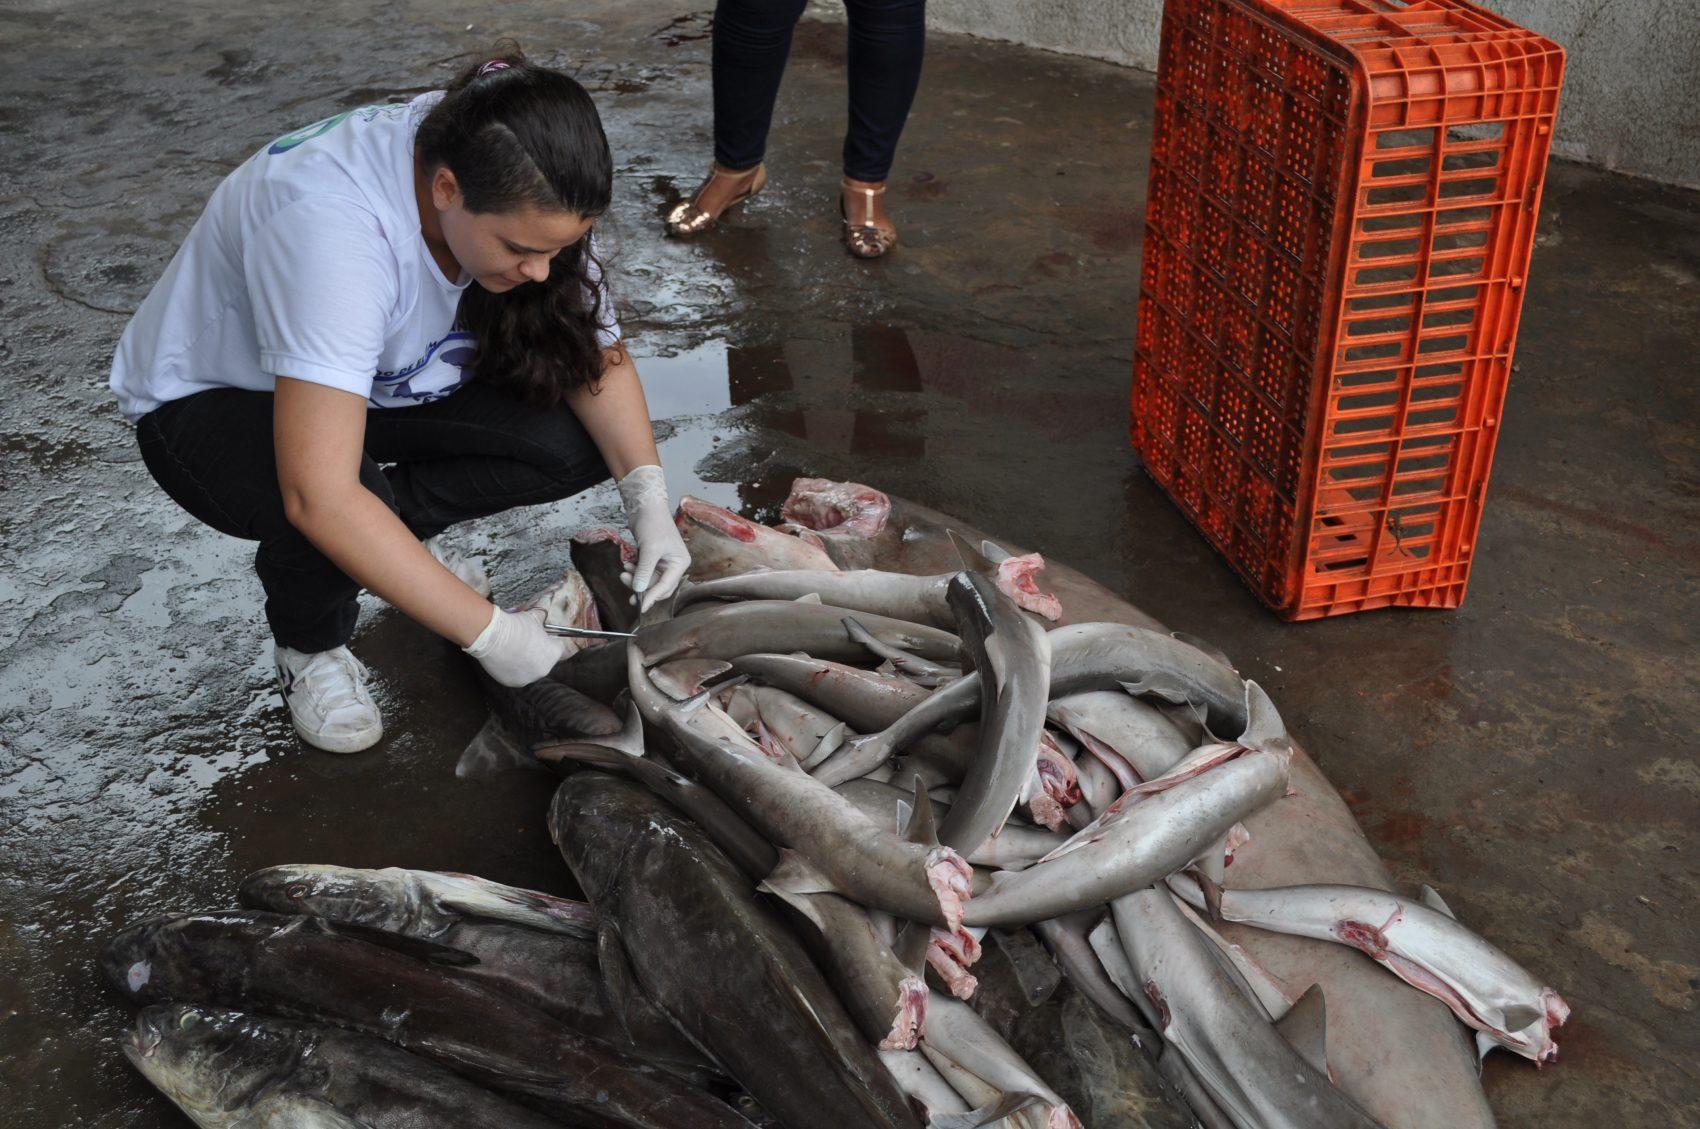 Tubarões recolhidos em mercado: pescado e comércio ilegais flagrados por projeto de pesquisa (Foto: Divulgação/UFMA)